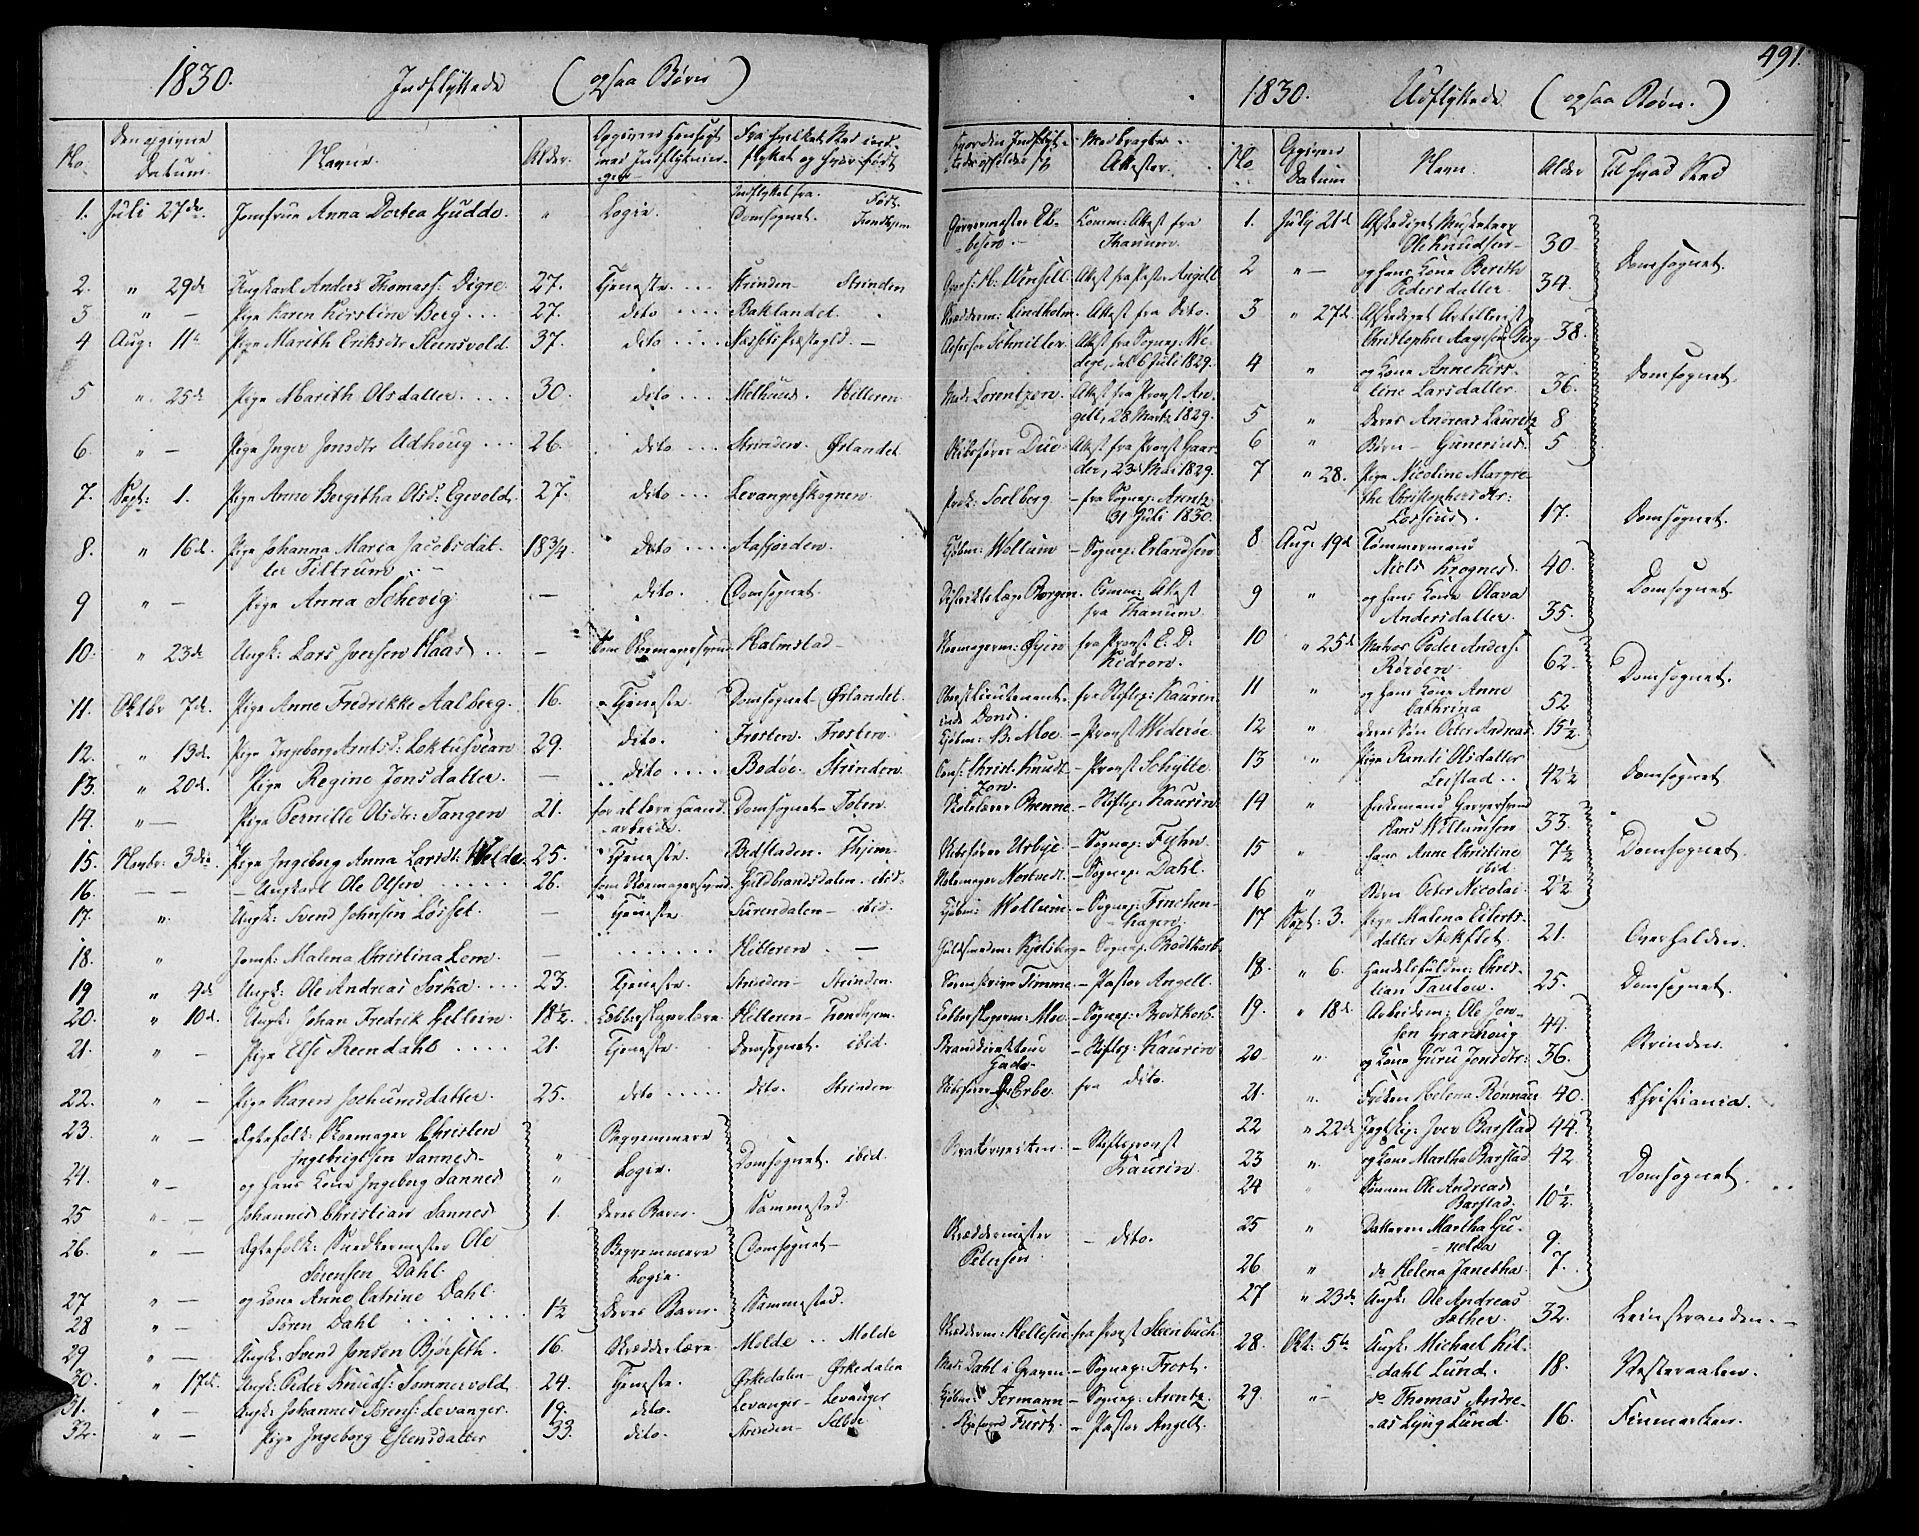 SAT, Ministerialprotokoller, klokkerbøker og fødselsregistre - Sør-Trøndelag, 602/L0109: Ministerialbok nr. 602A07, 1821-1840, s. 491